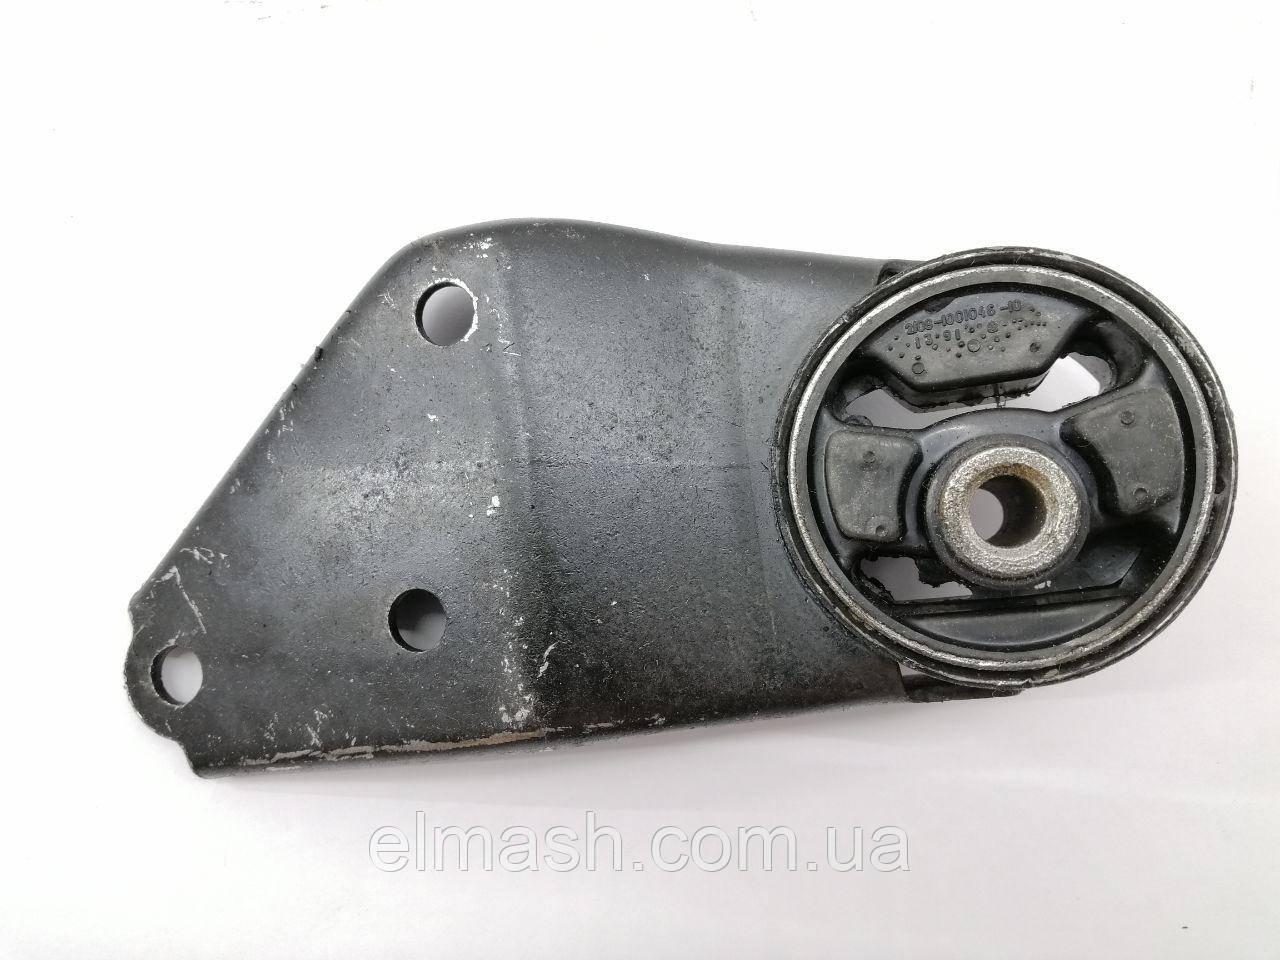 Подушка левой опоры подвески двигателя ВАЗ в упаковке в сб. (пр-во БРТ)